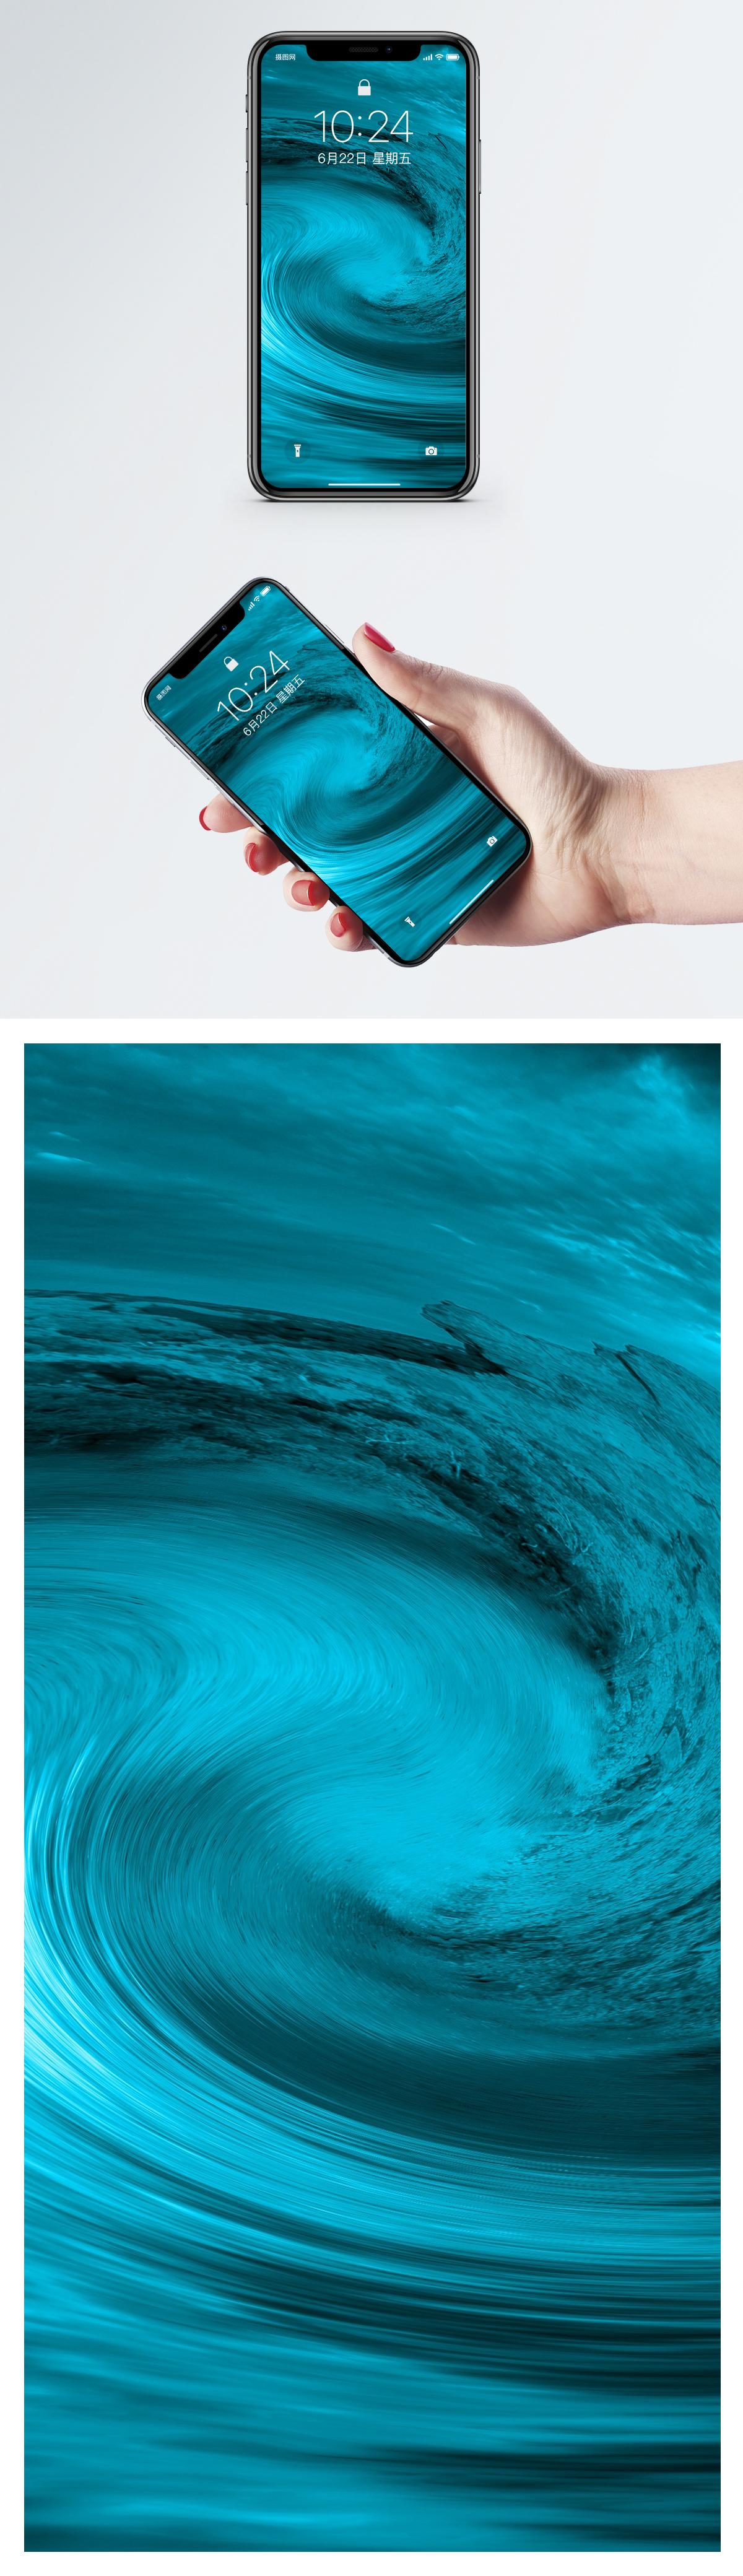 61 Gambar Air Untuk Wallpaper Kekinian